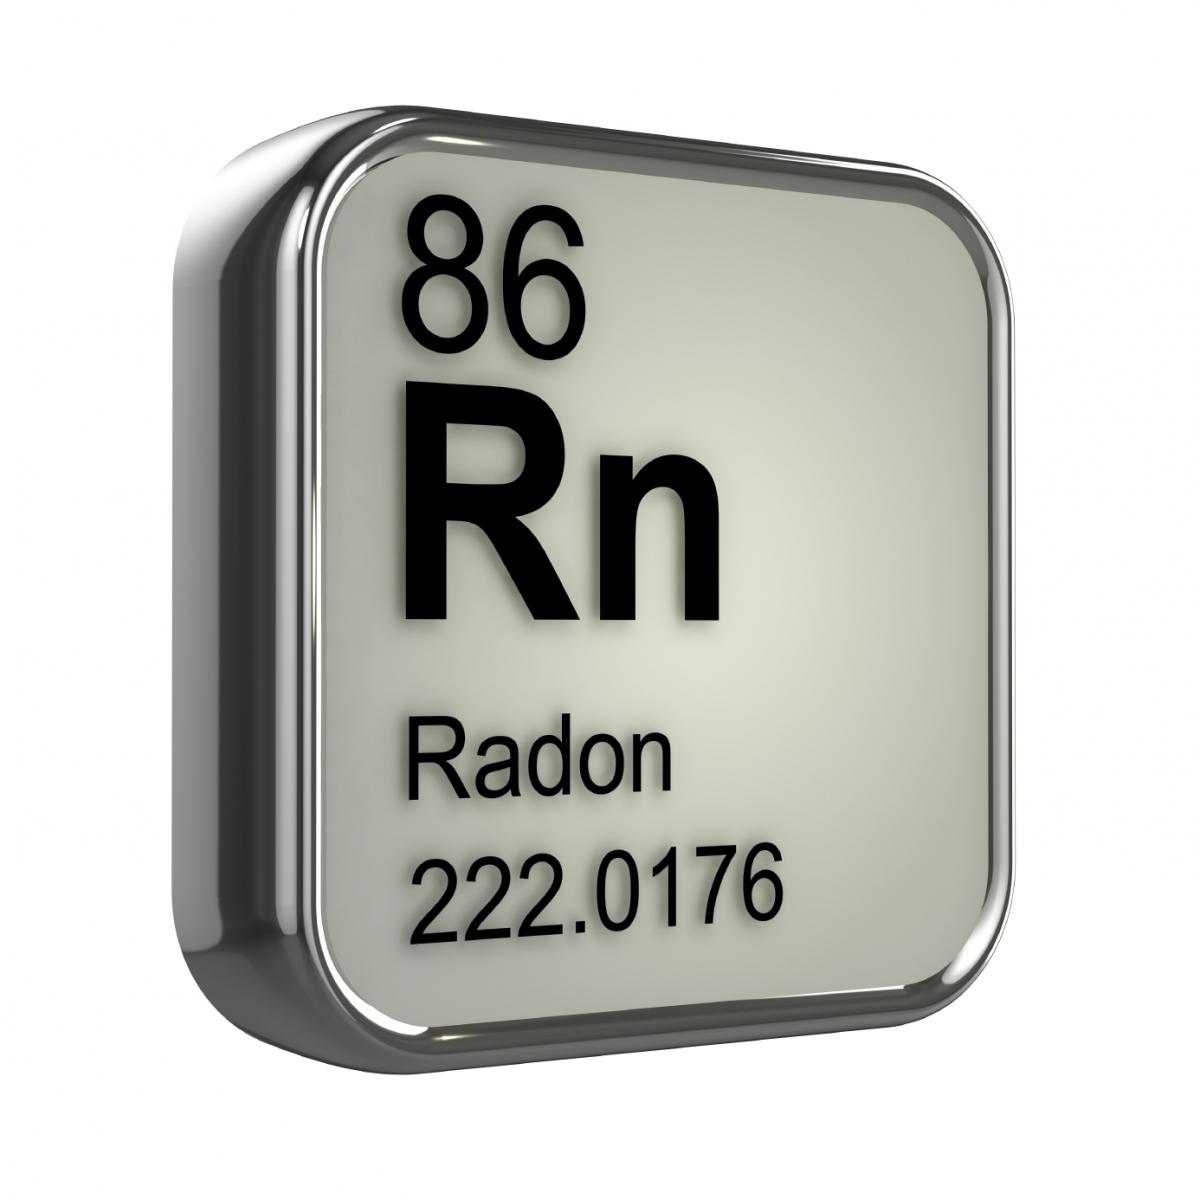 radon[1]